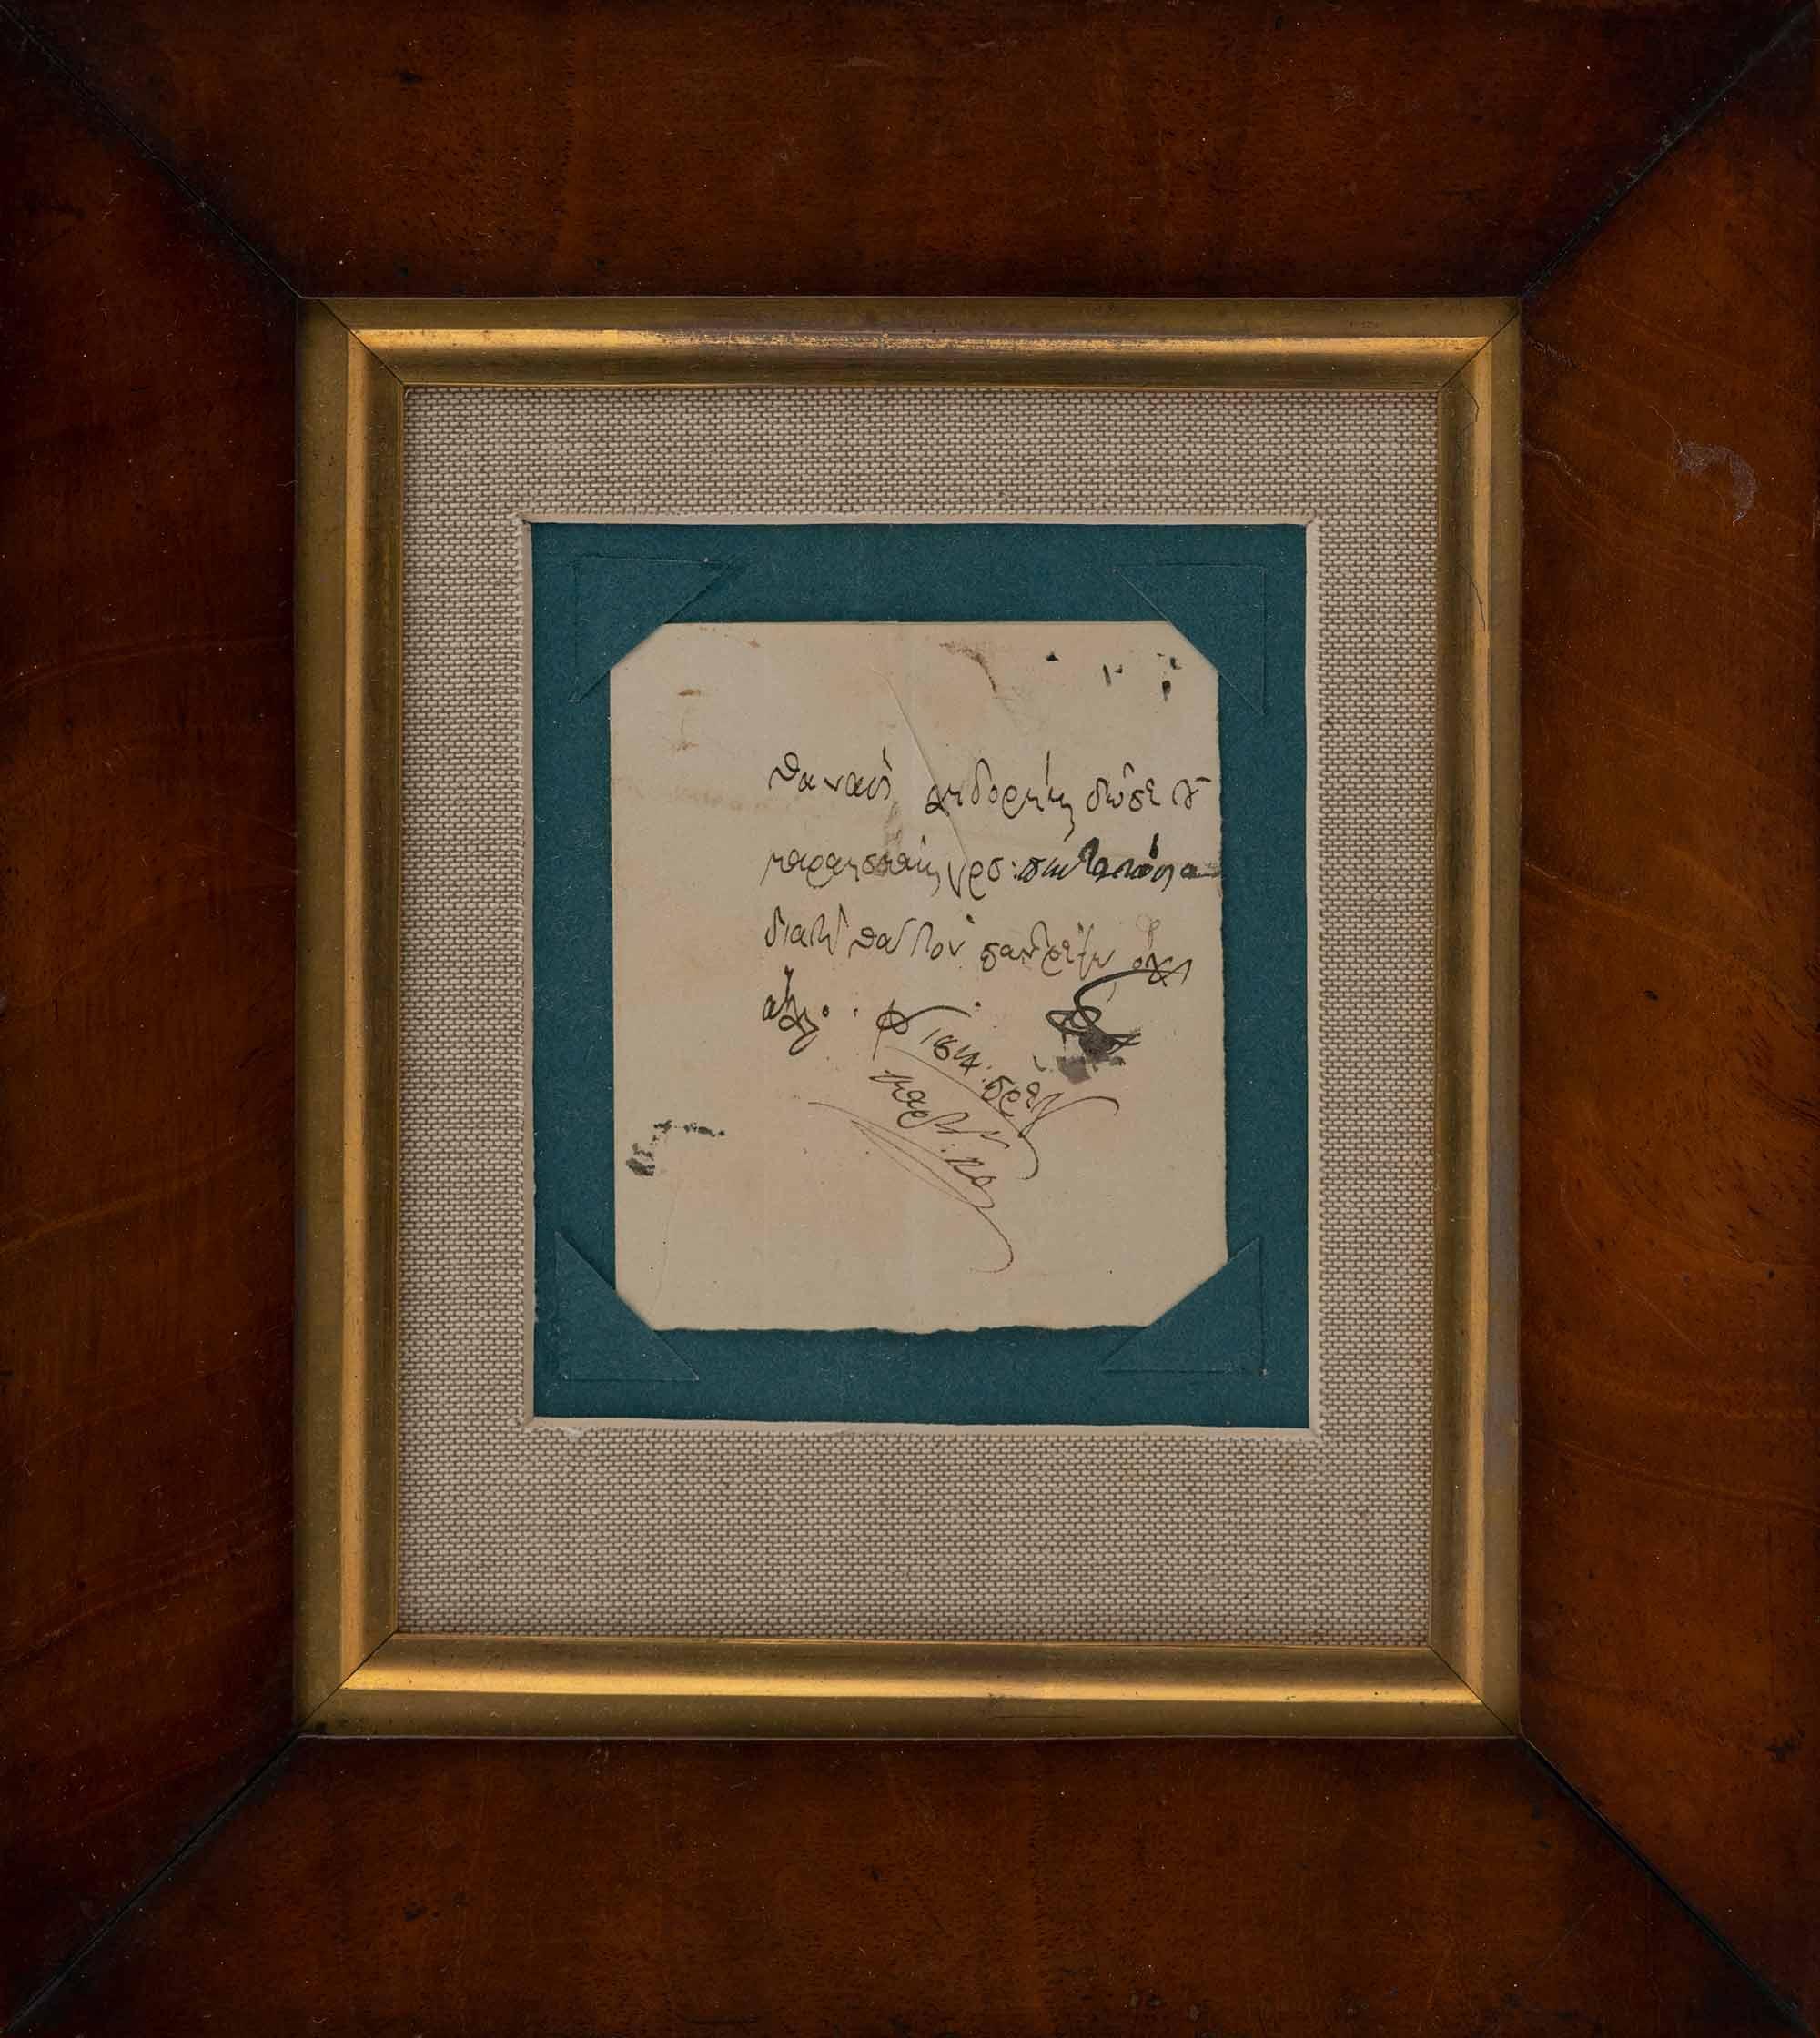 Σημείωμα με την υπογραφή του προς τον Αθανάσιο Λοιδωρίκη, με το οποίο του ζητάει να δώσει 500 γρόσια στον Καραϊσκάκη, γιατί πρόκειται να τον παντρέψει (Πρέβεζα, 20 Μαρτίου 1814)